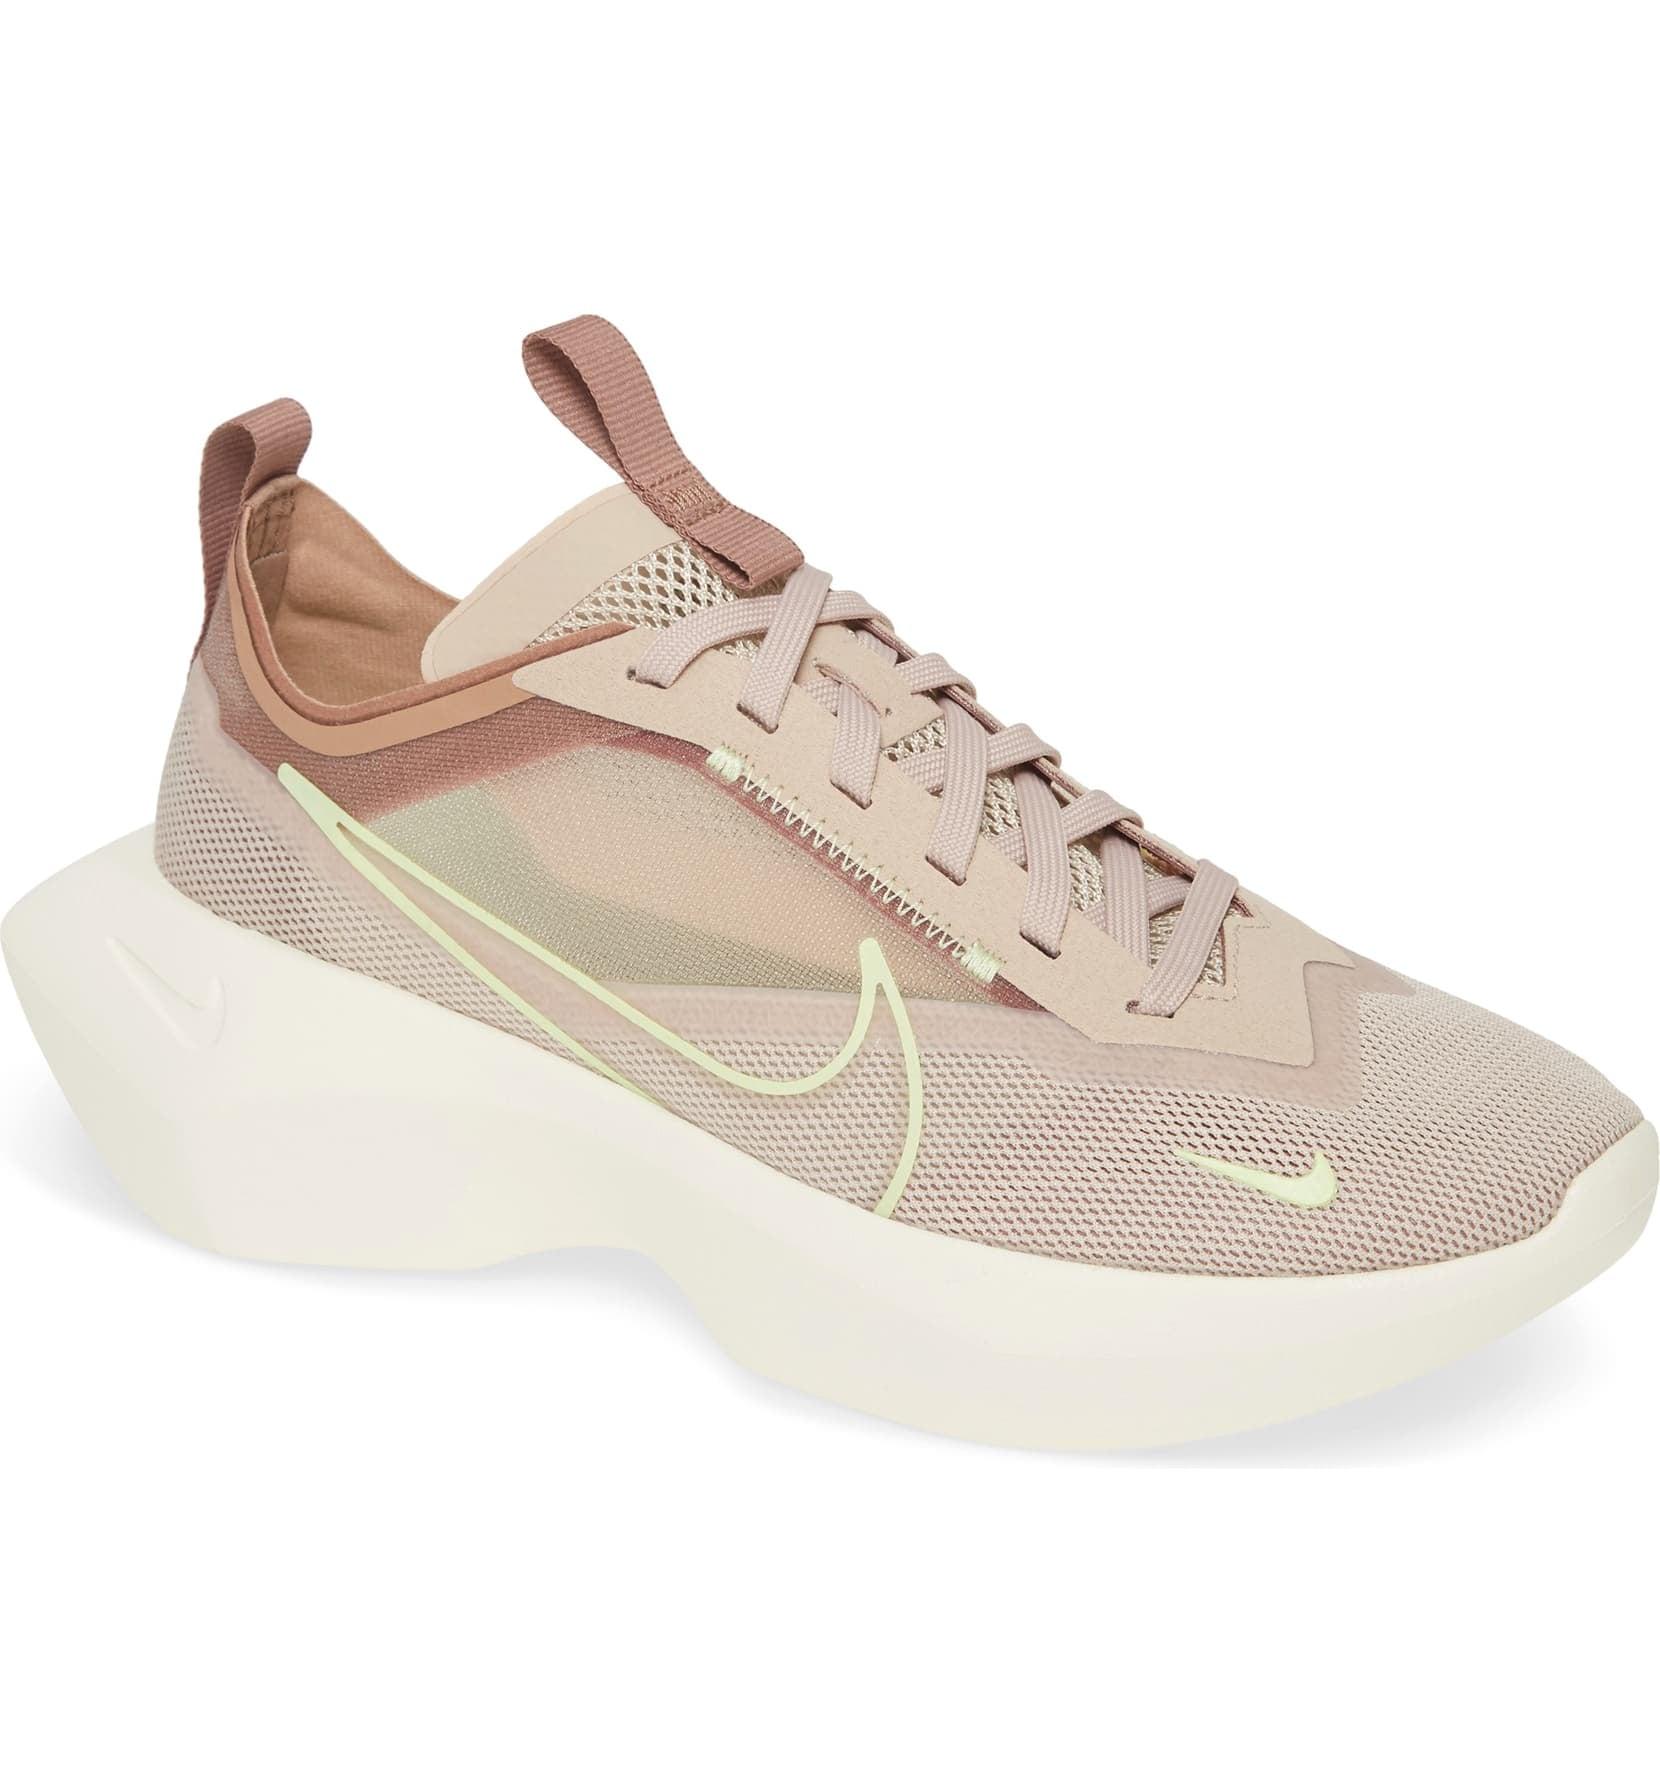 Cute Sneakers For Women 2020   POPSUGAR